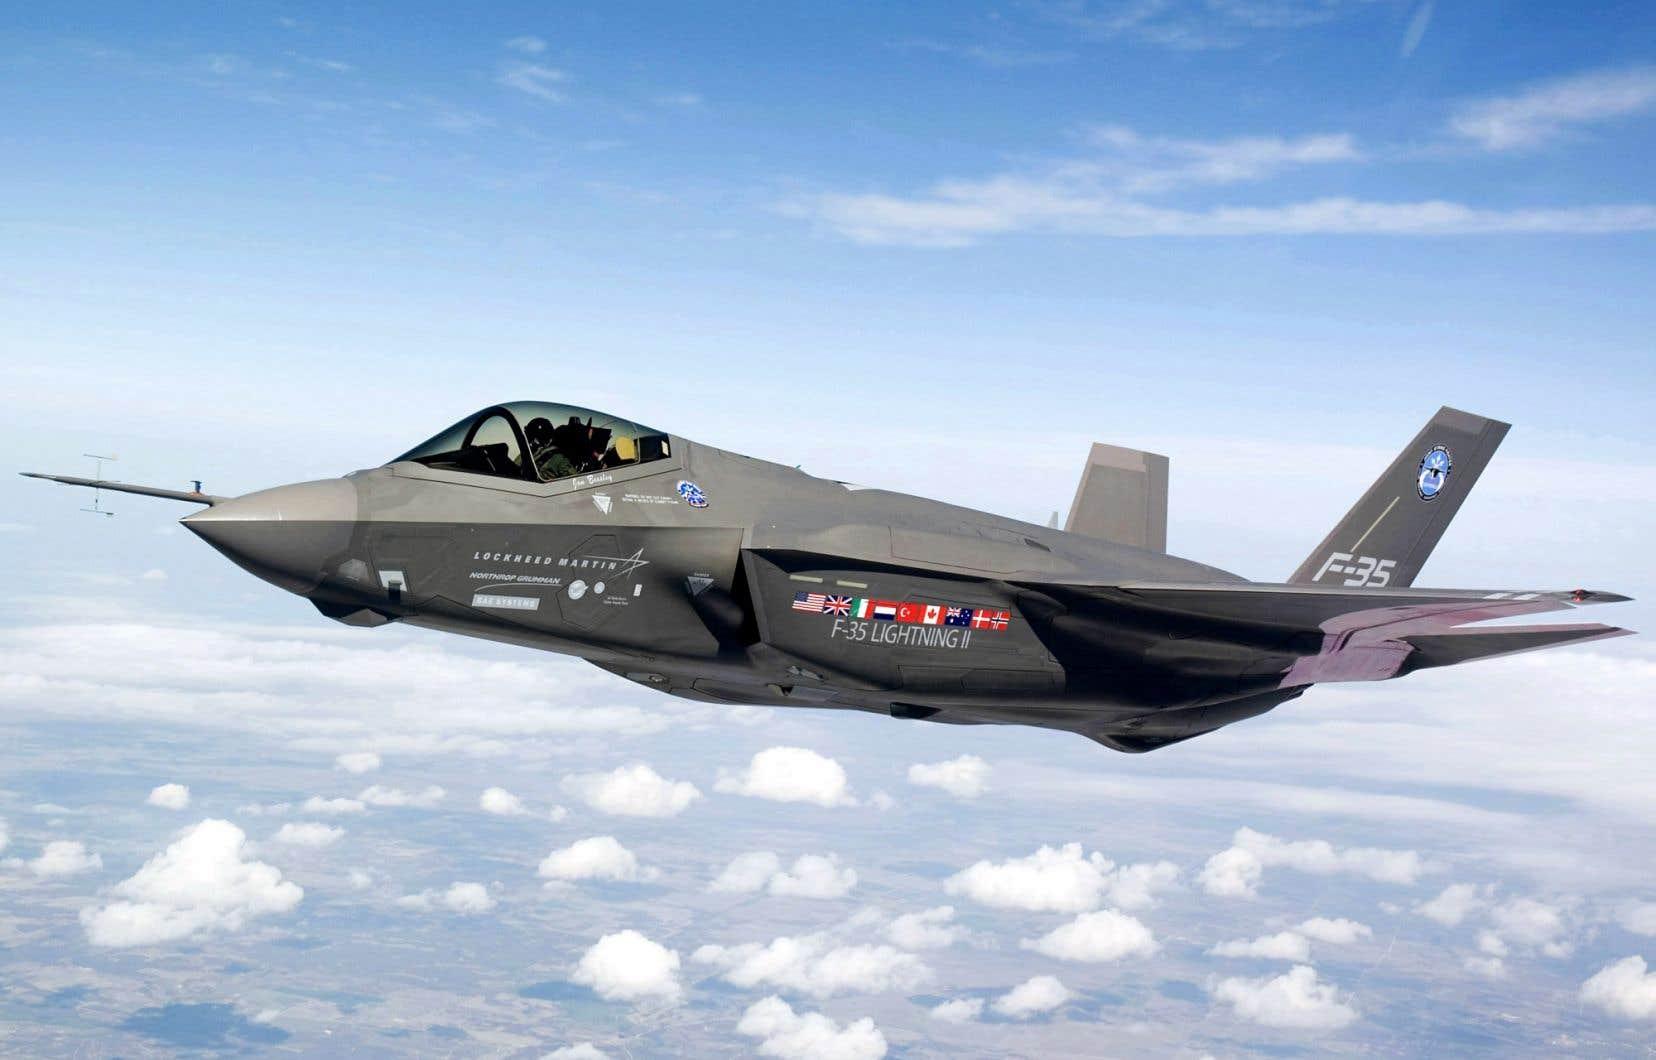 L'appareil F-35 est au nombre des avions considérés par le gouvernement Harper.